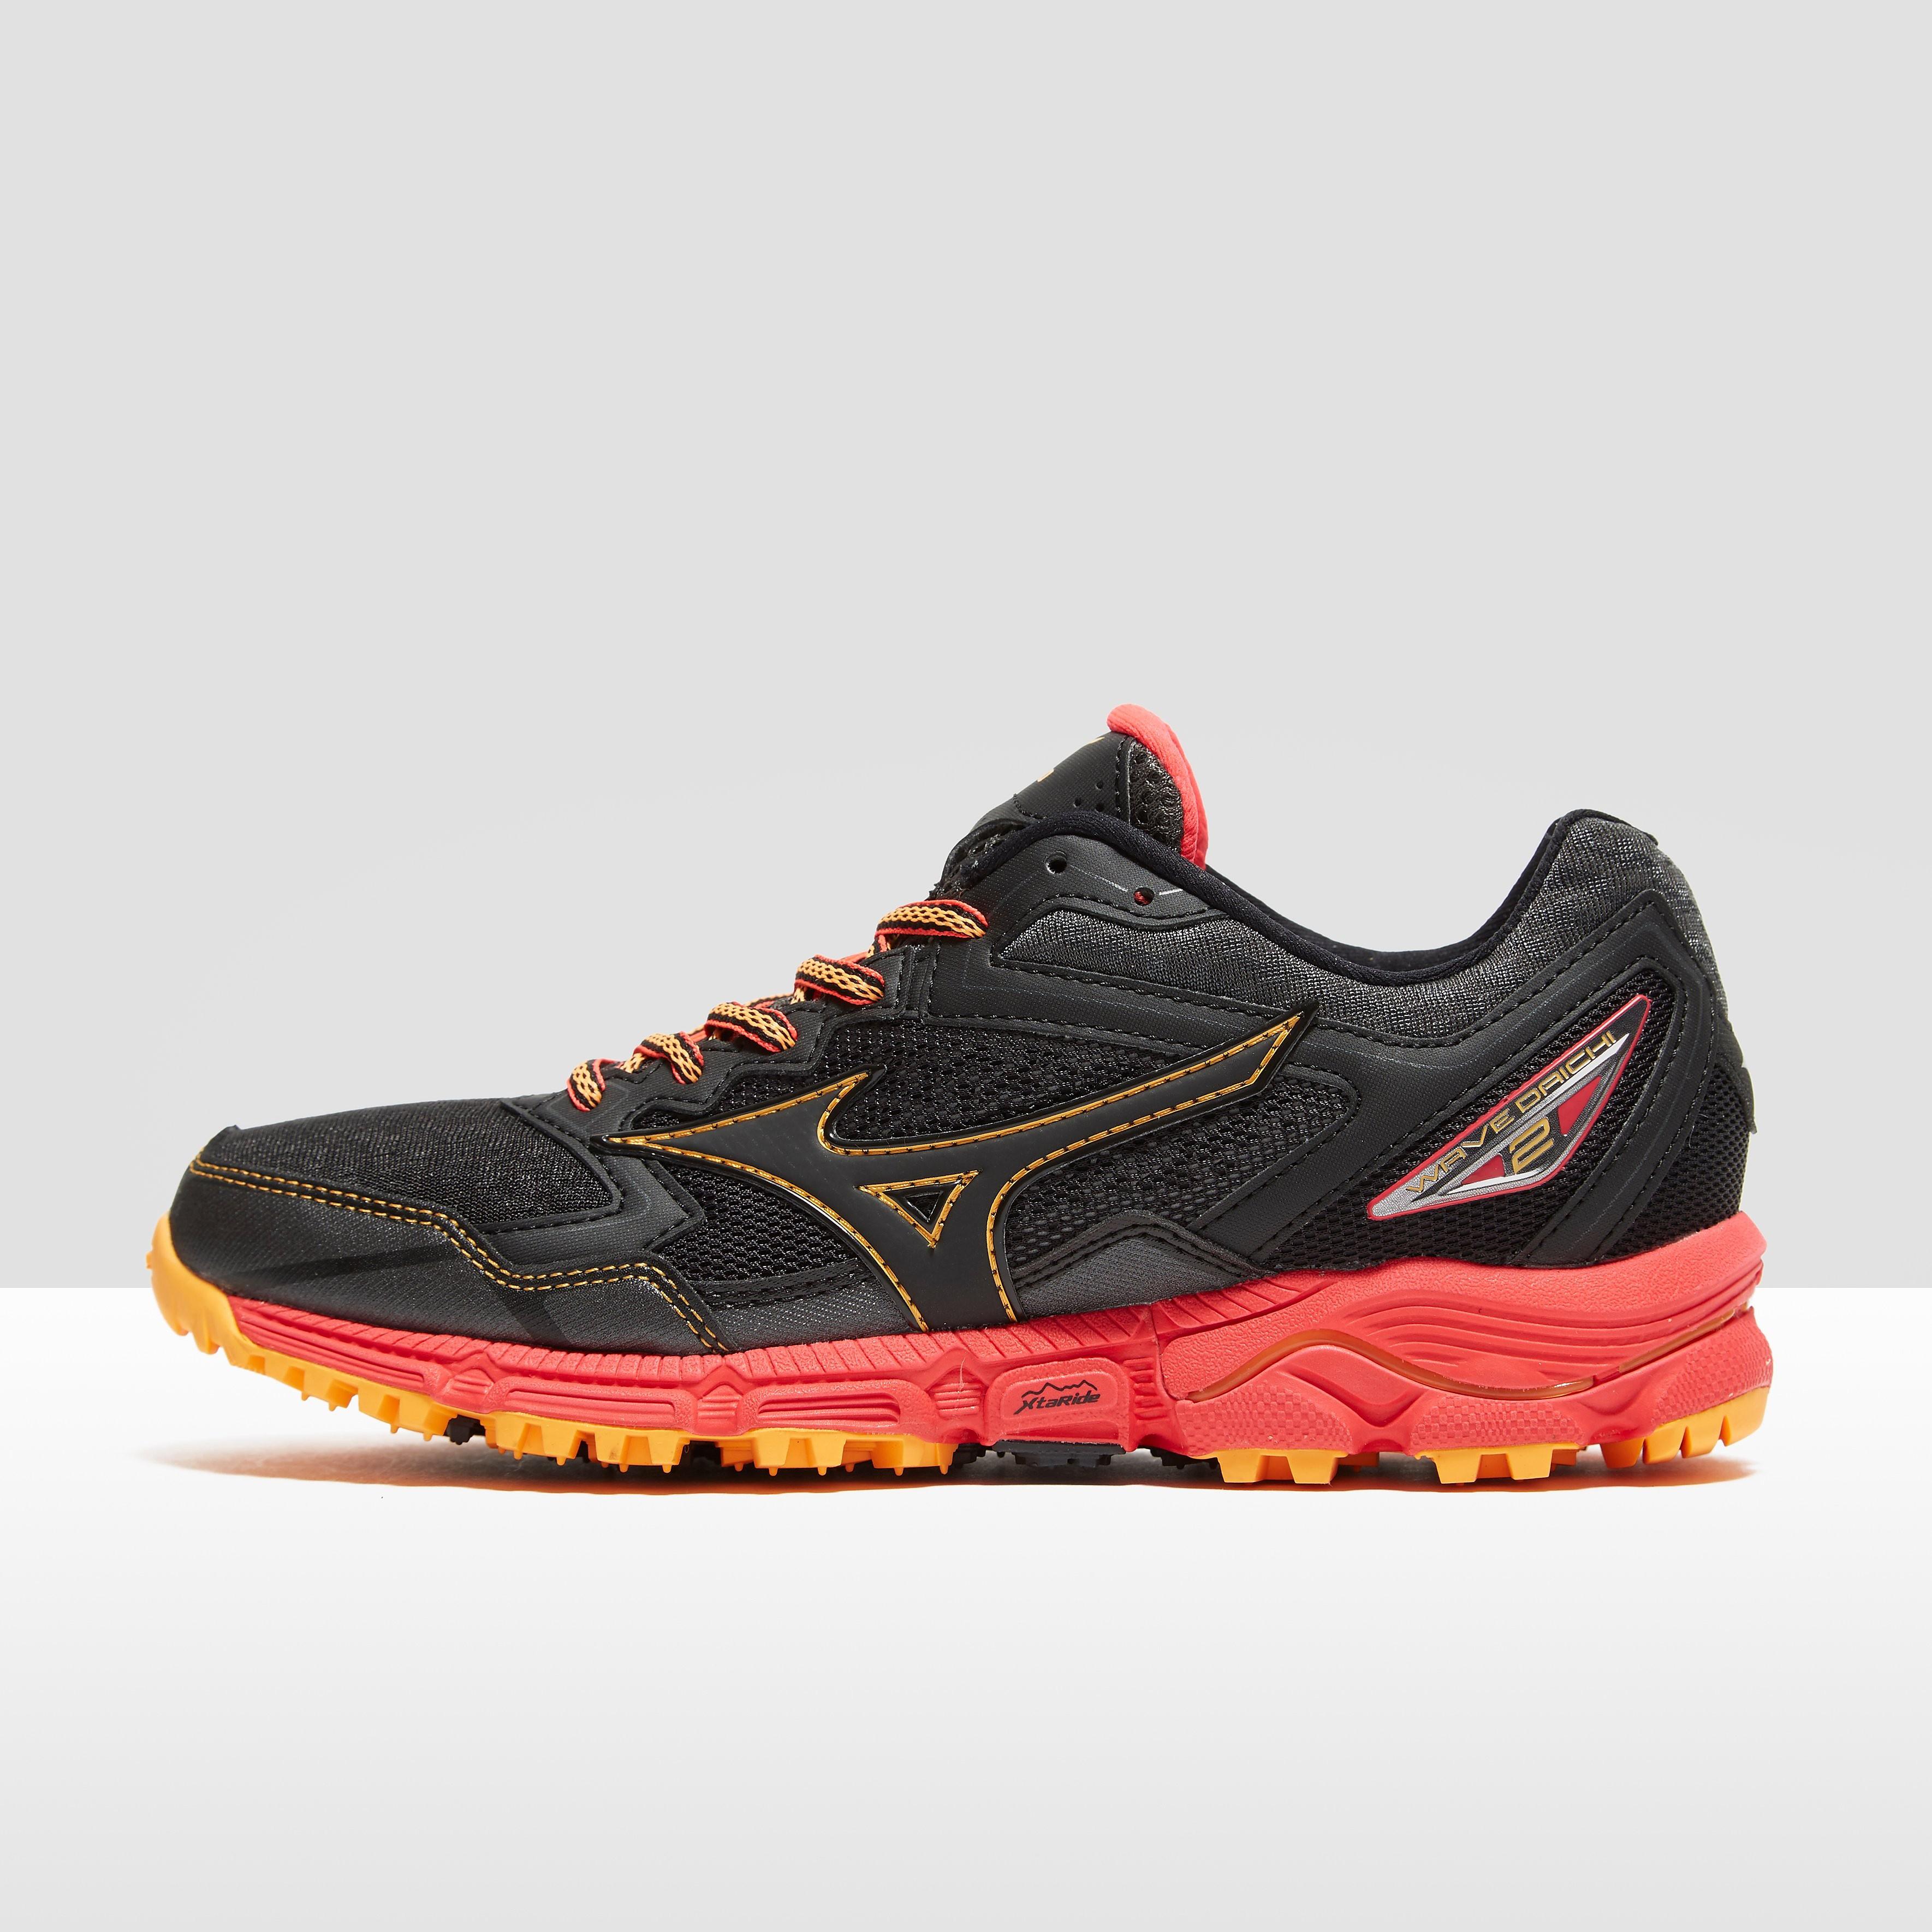 Mizuno Wave Daichi 2 Women's Trail Running Shoes